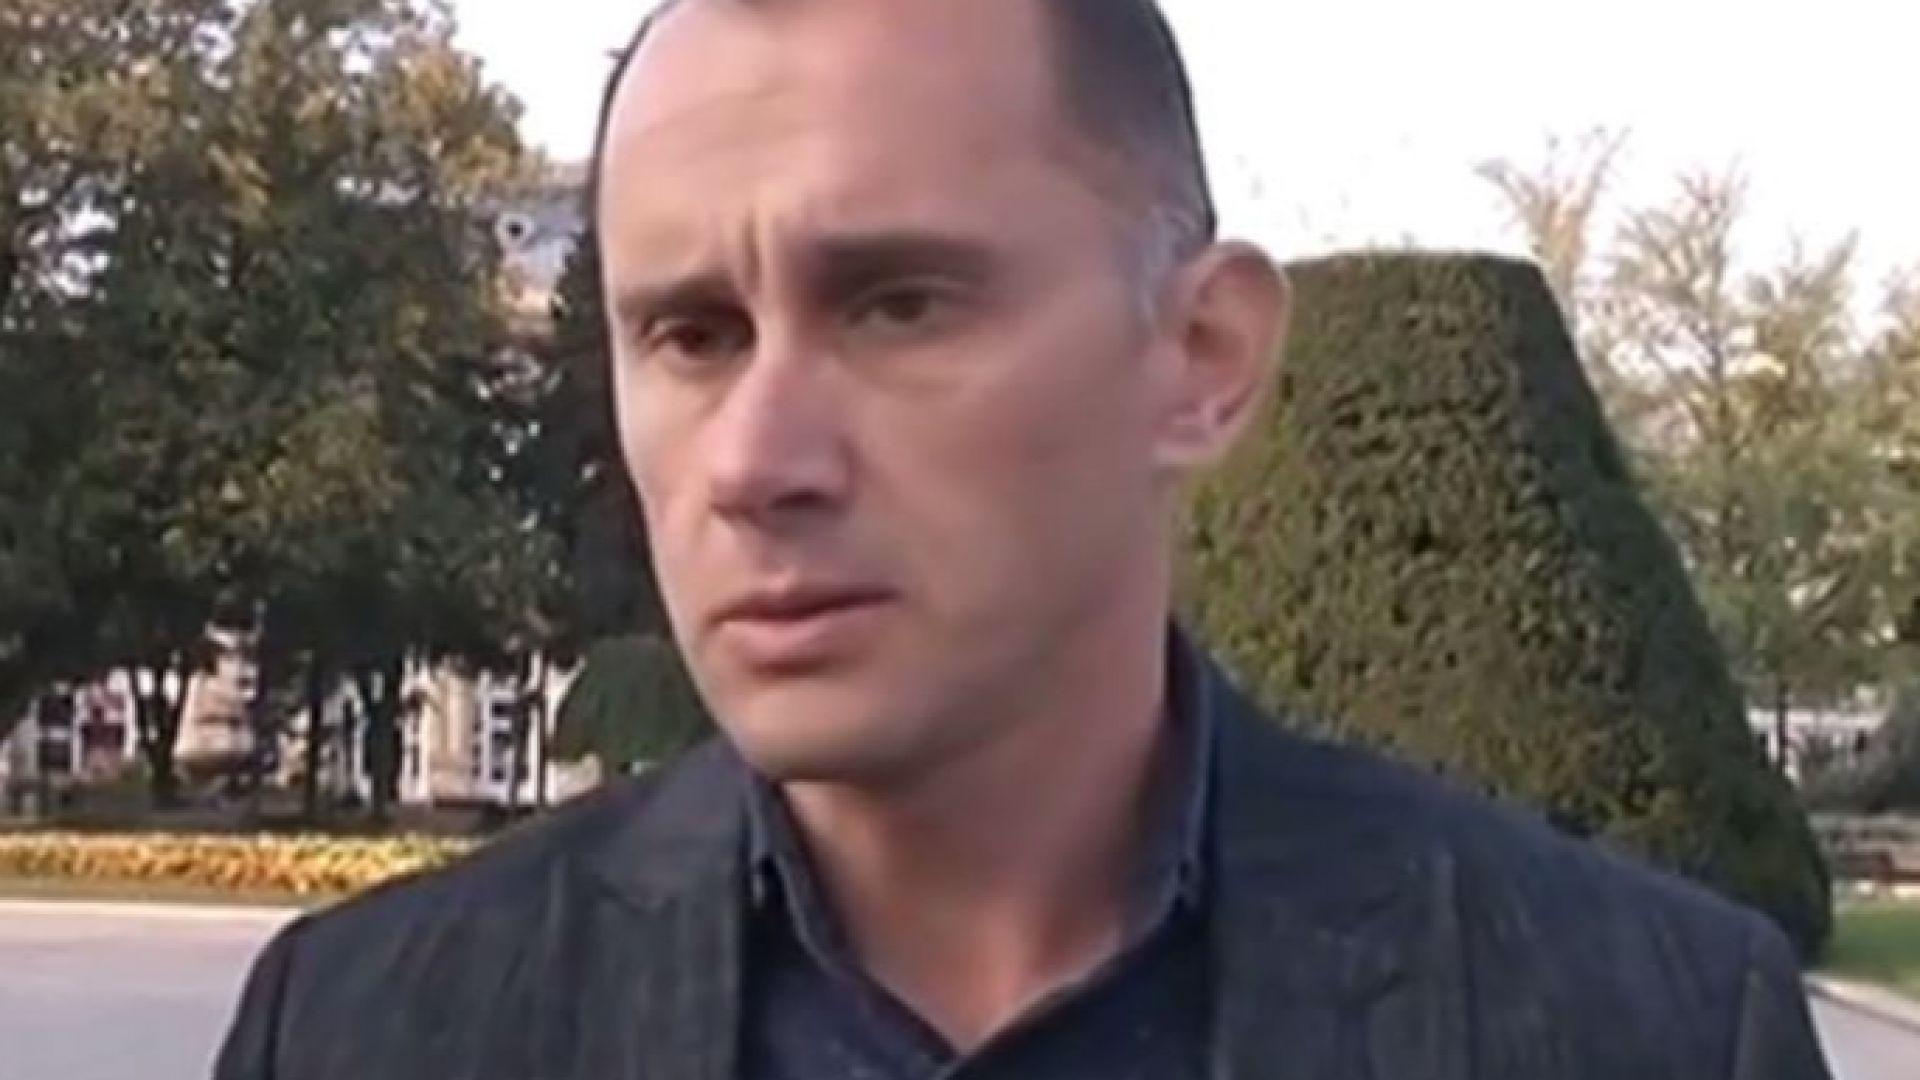 Бившият съпруг на журналистката видял на камера бягащо момче, надява се да не е поръчка